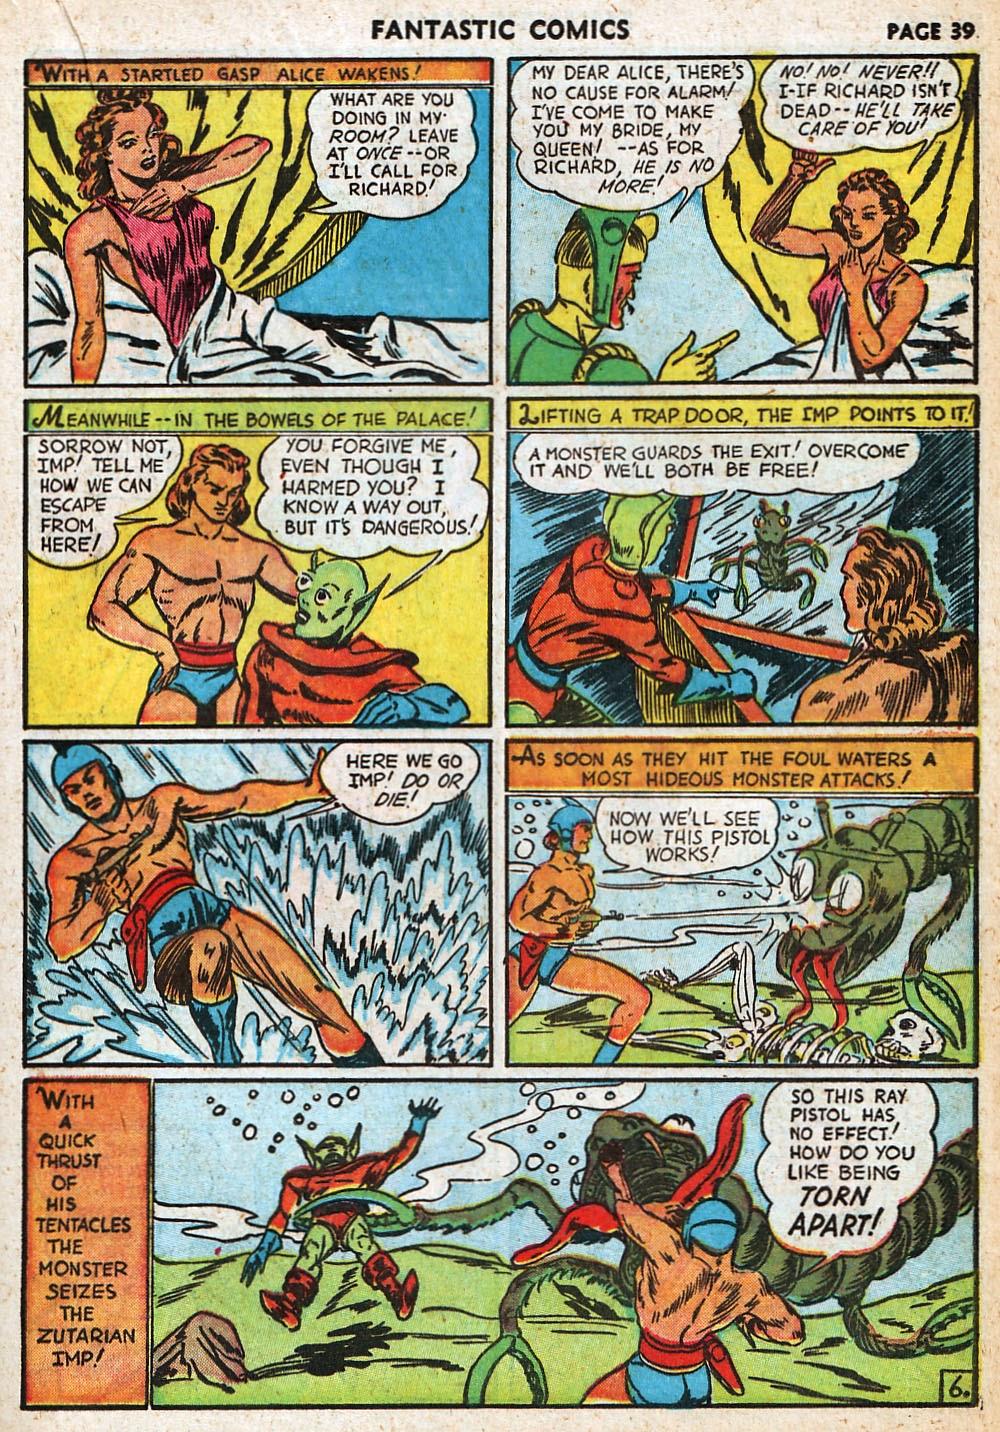 Read online Fantastic Comics comic -  Issue #20 - 39